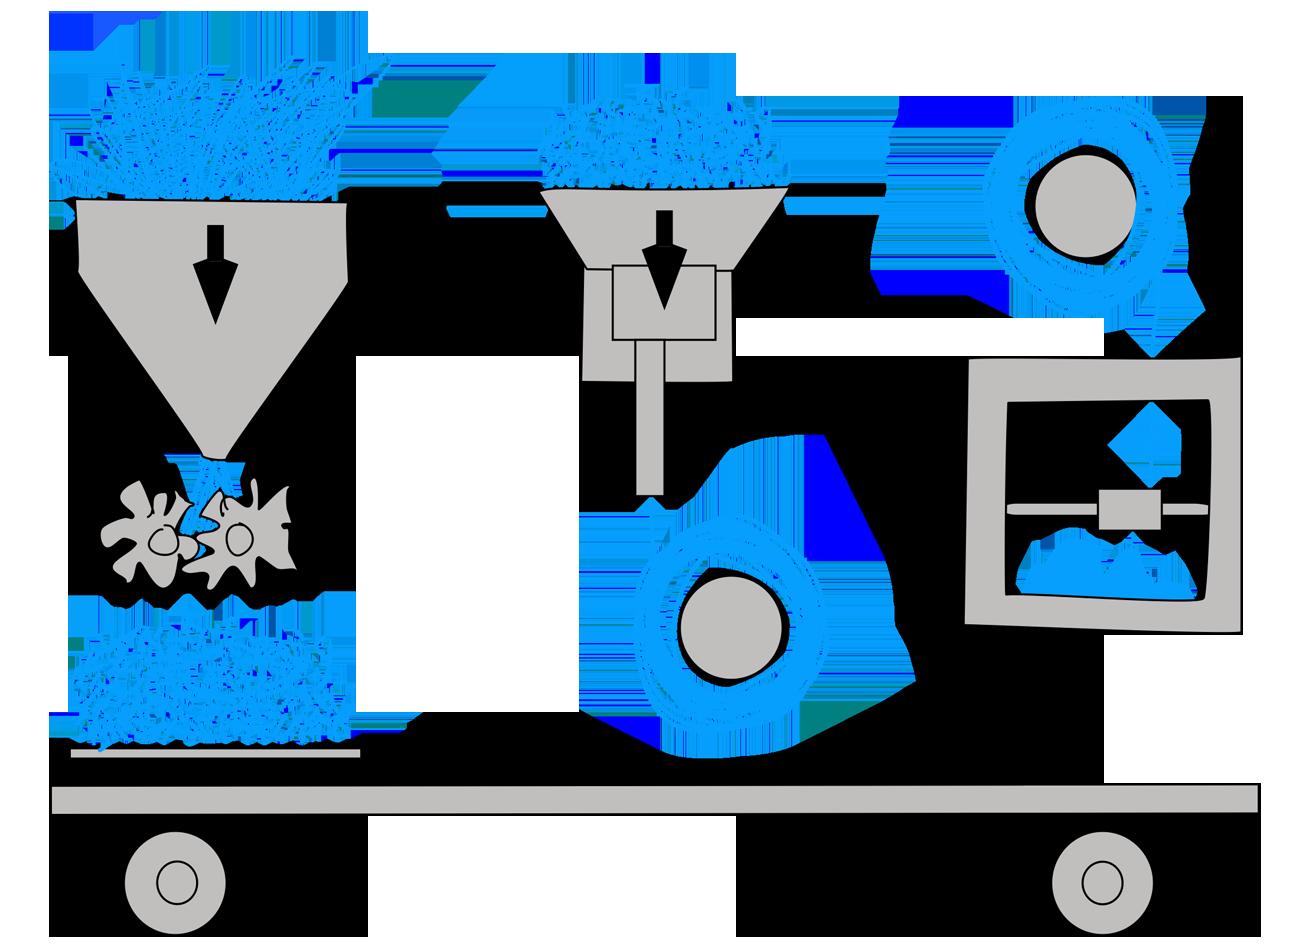 keten3_filament_proces